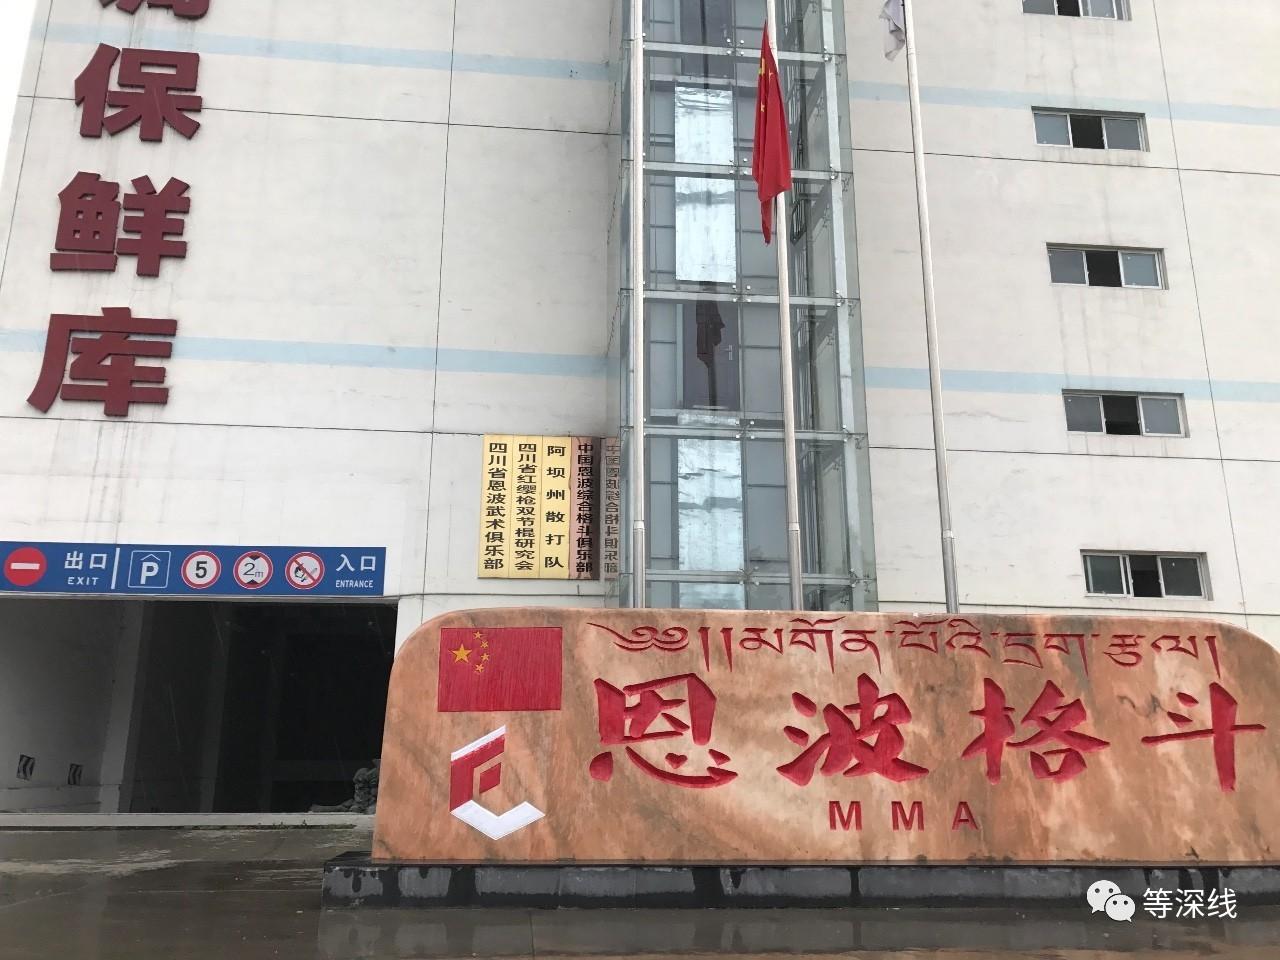 恩波格斗俱乐部还挂有阿坝州散打队等牌匾。图为俱乐部位于成都郫县的训练基地。   《等深线》记者 孔令春 摄影